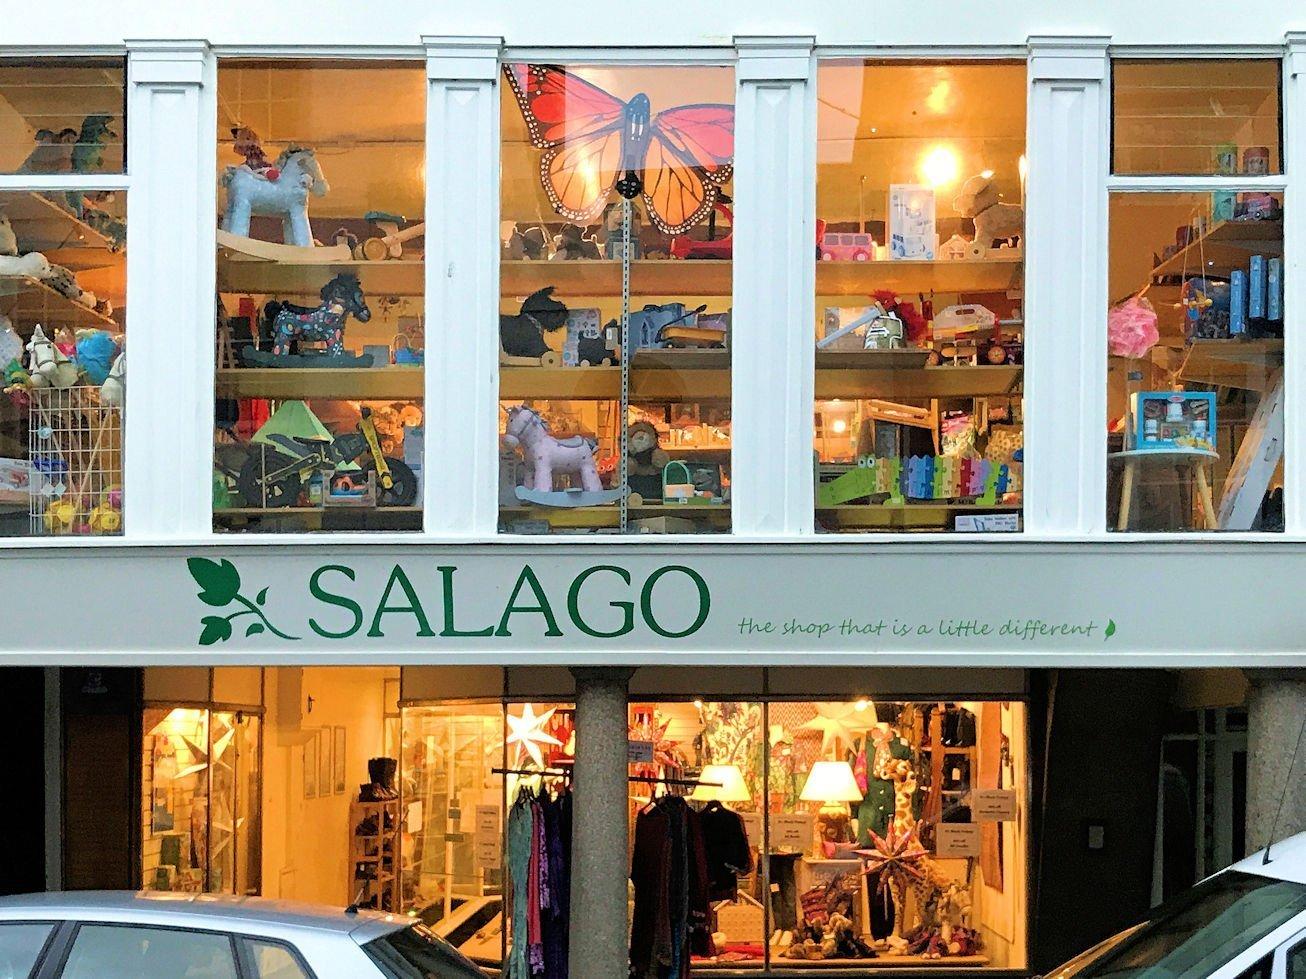 Salago department store